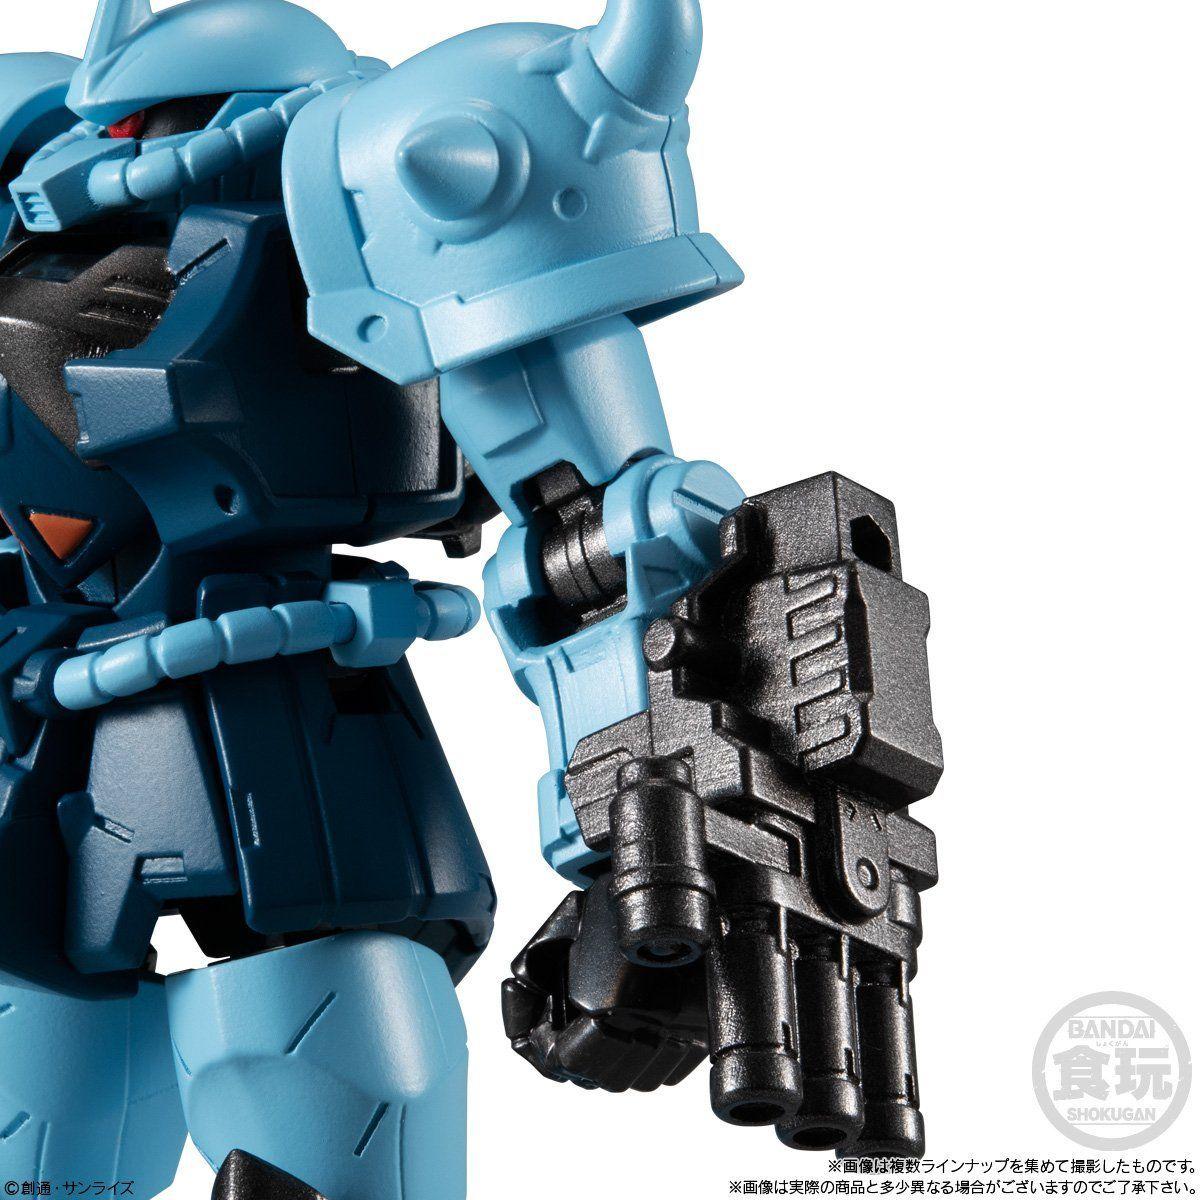 【食玩】機動戦士ガンダム『Gフレーム07』可動フィギュア 10個入りBOX-005